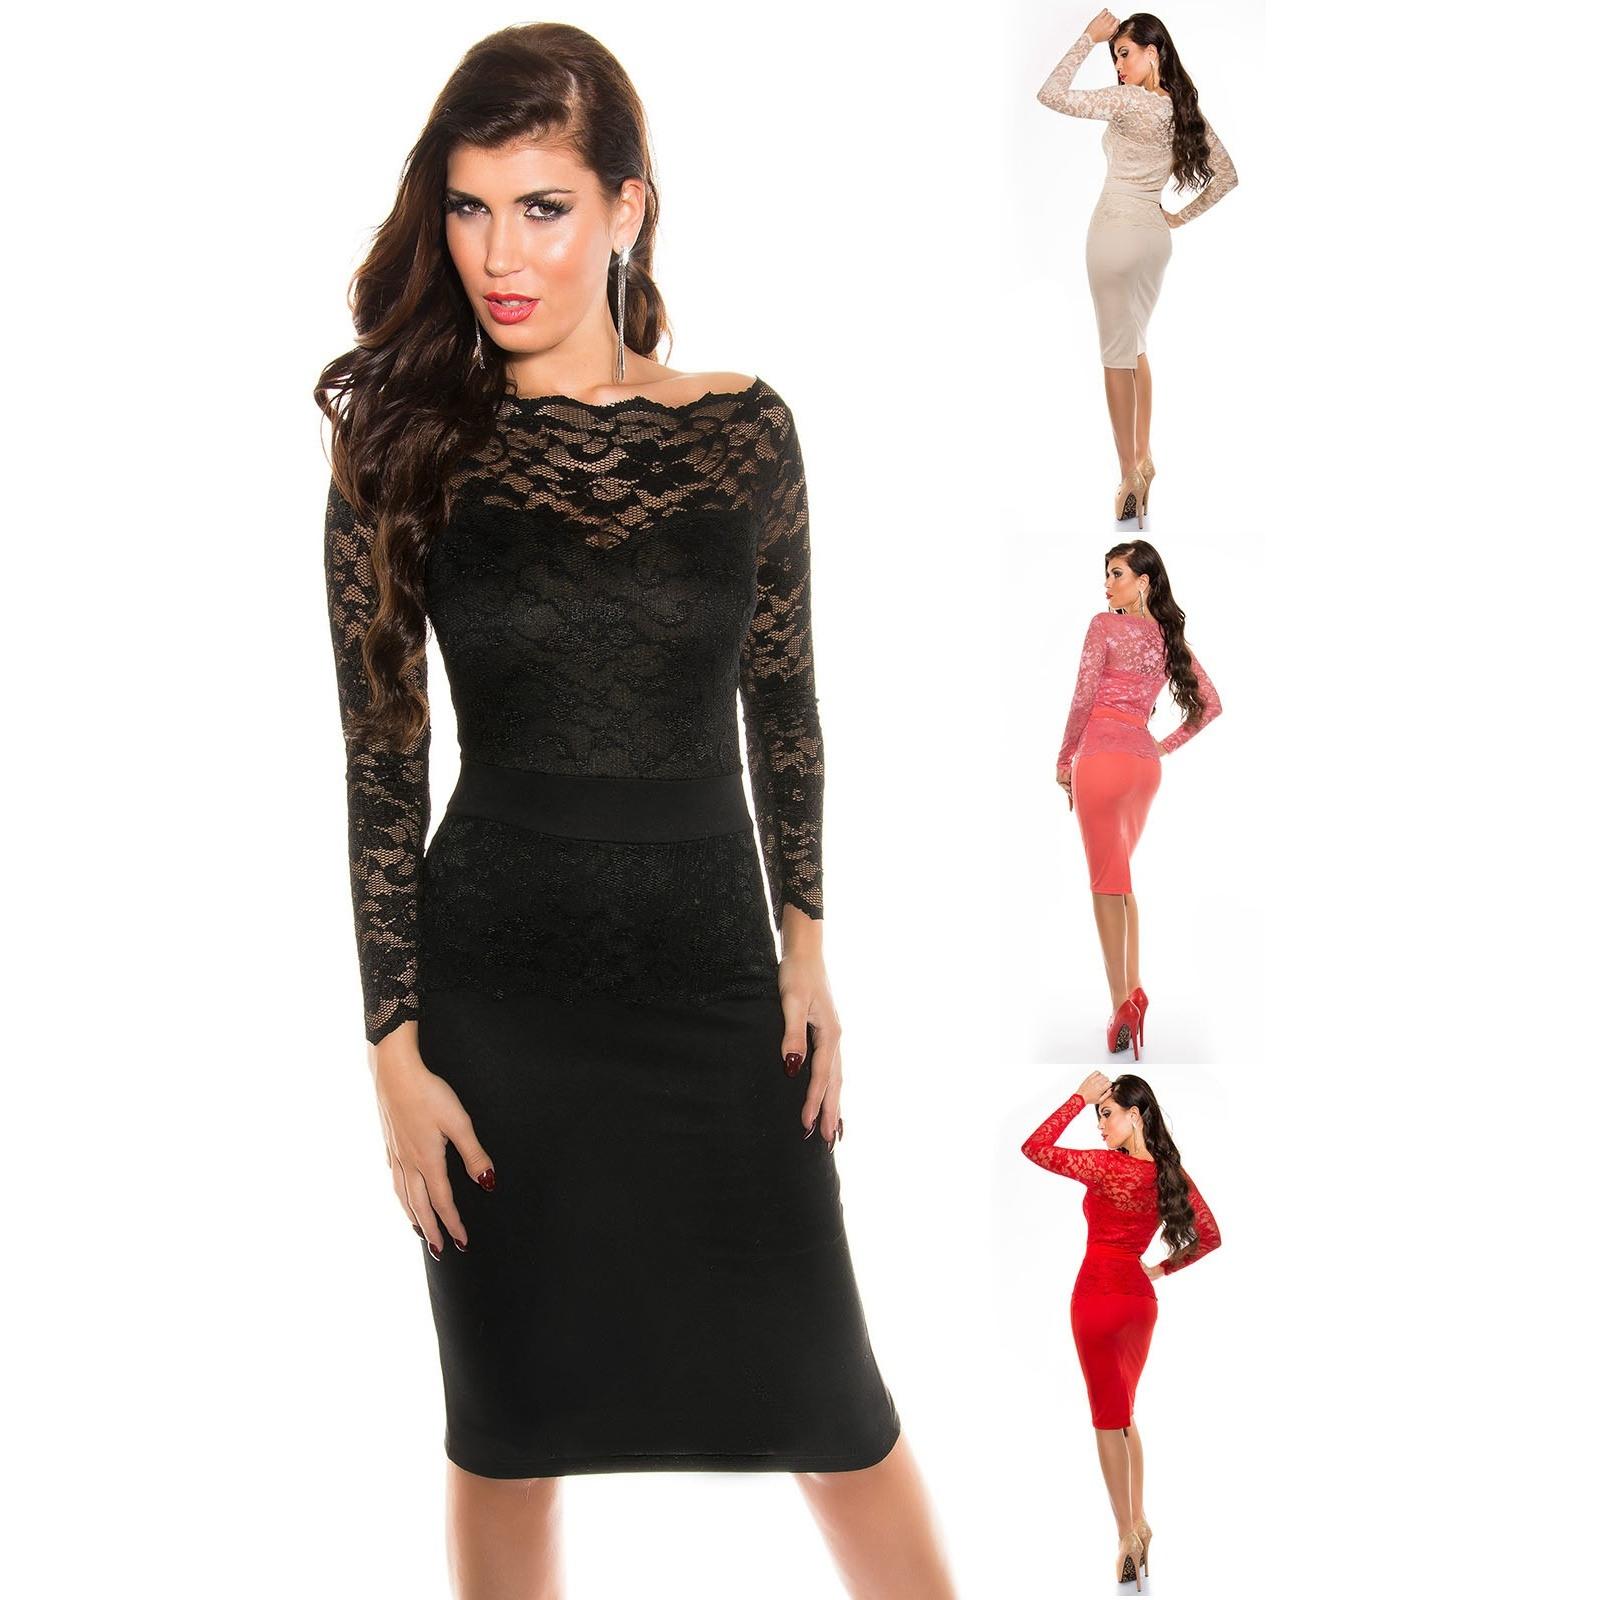 Formal Coolste Damen Kleider Midi Design20 Spektakulär Damen Kleider Midi Ärmel